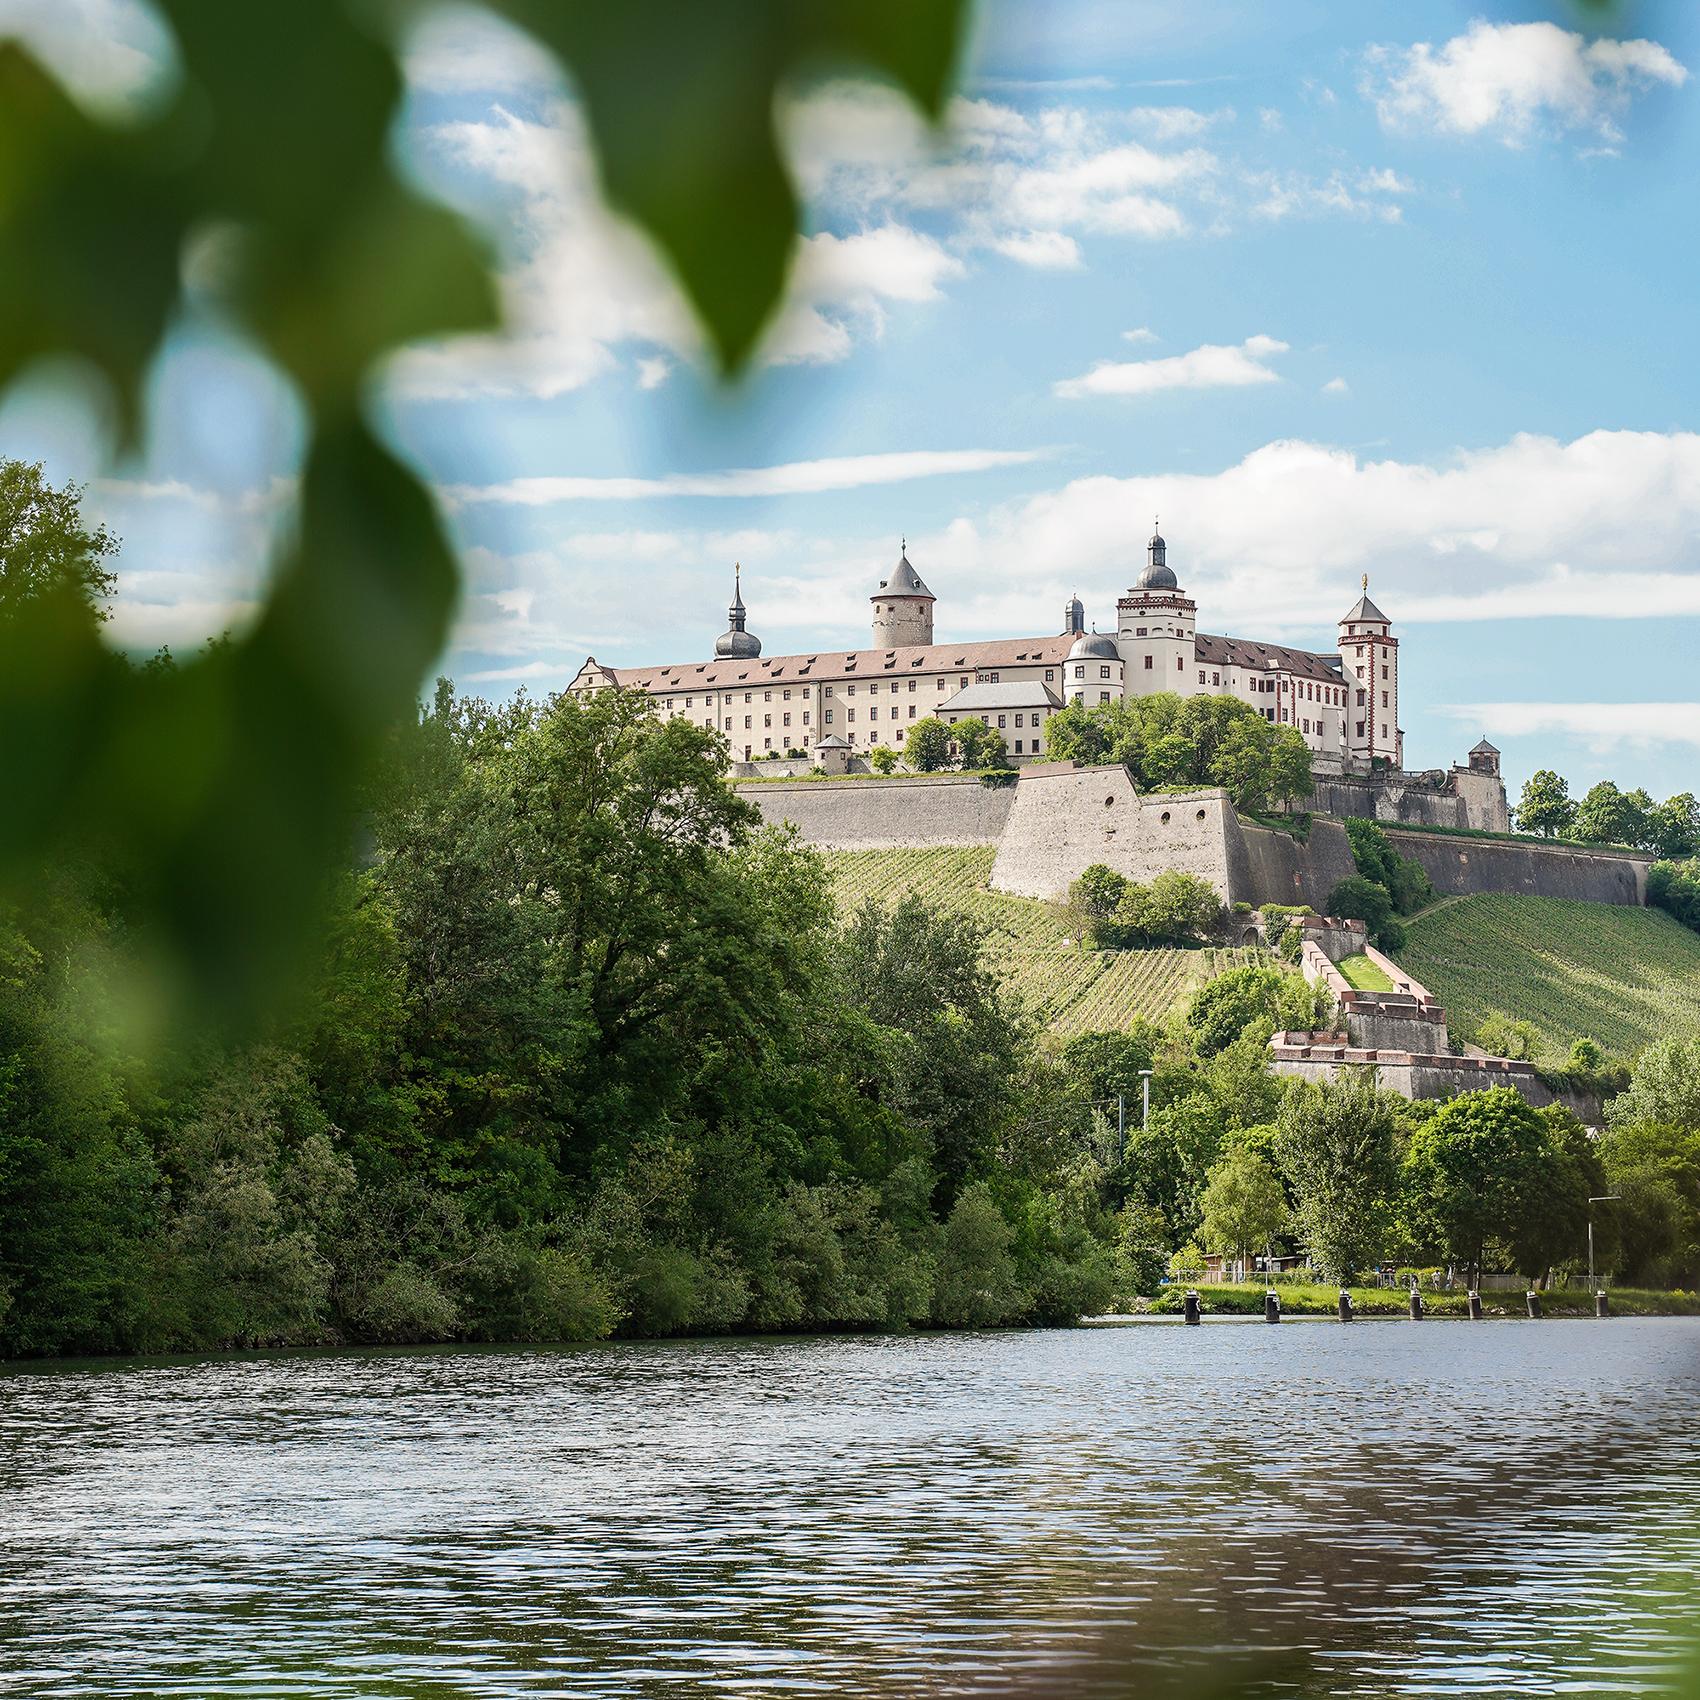 Ausflug_Würzburg_Festung_Main